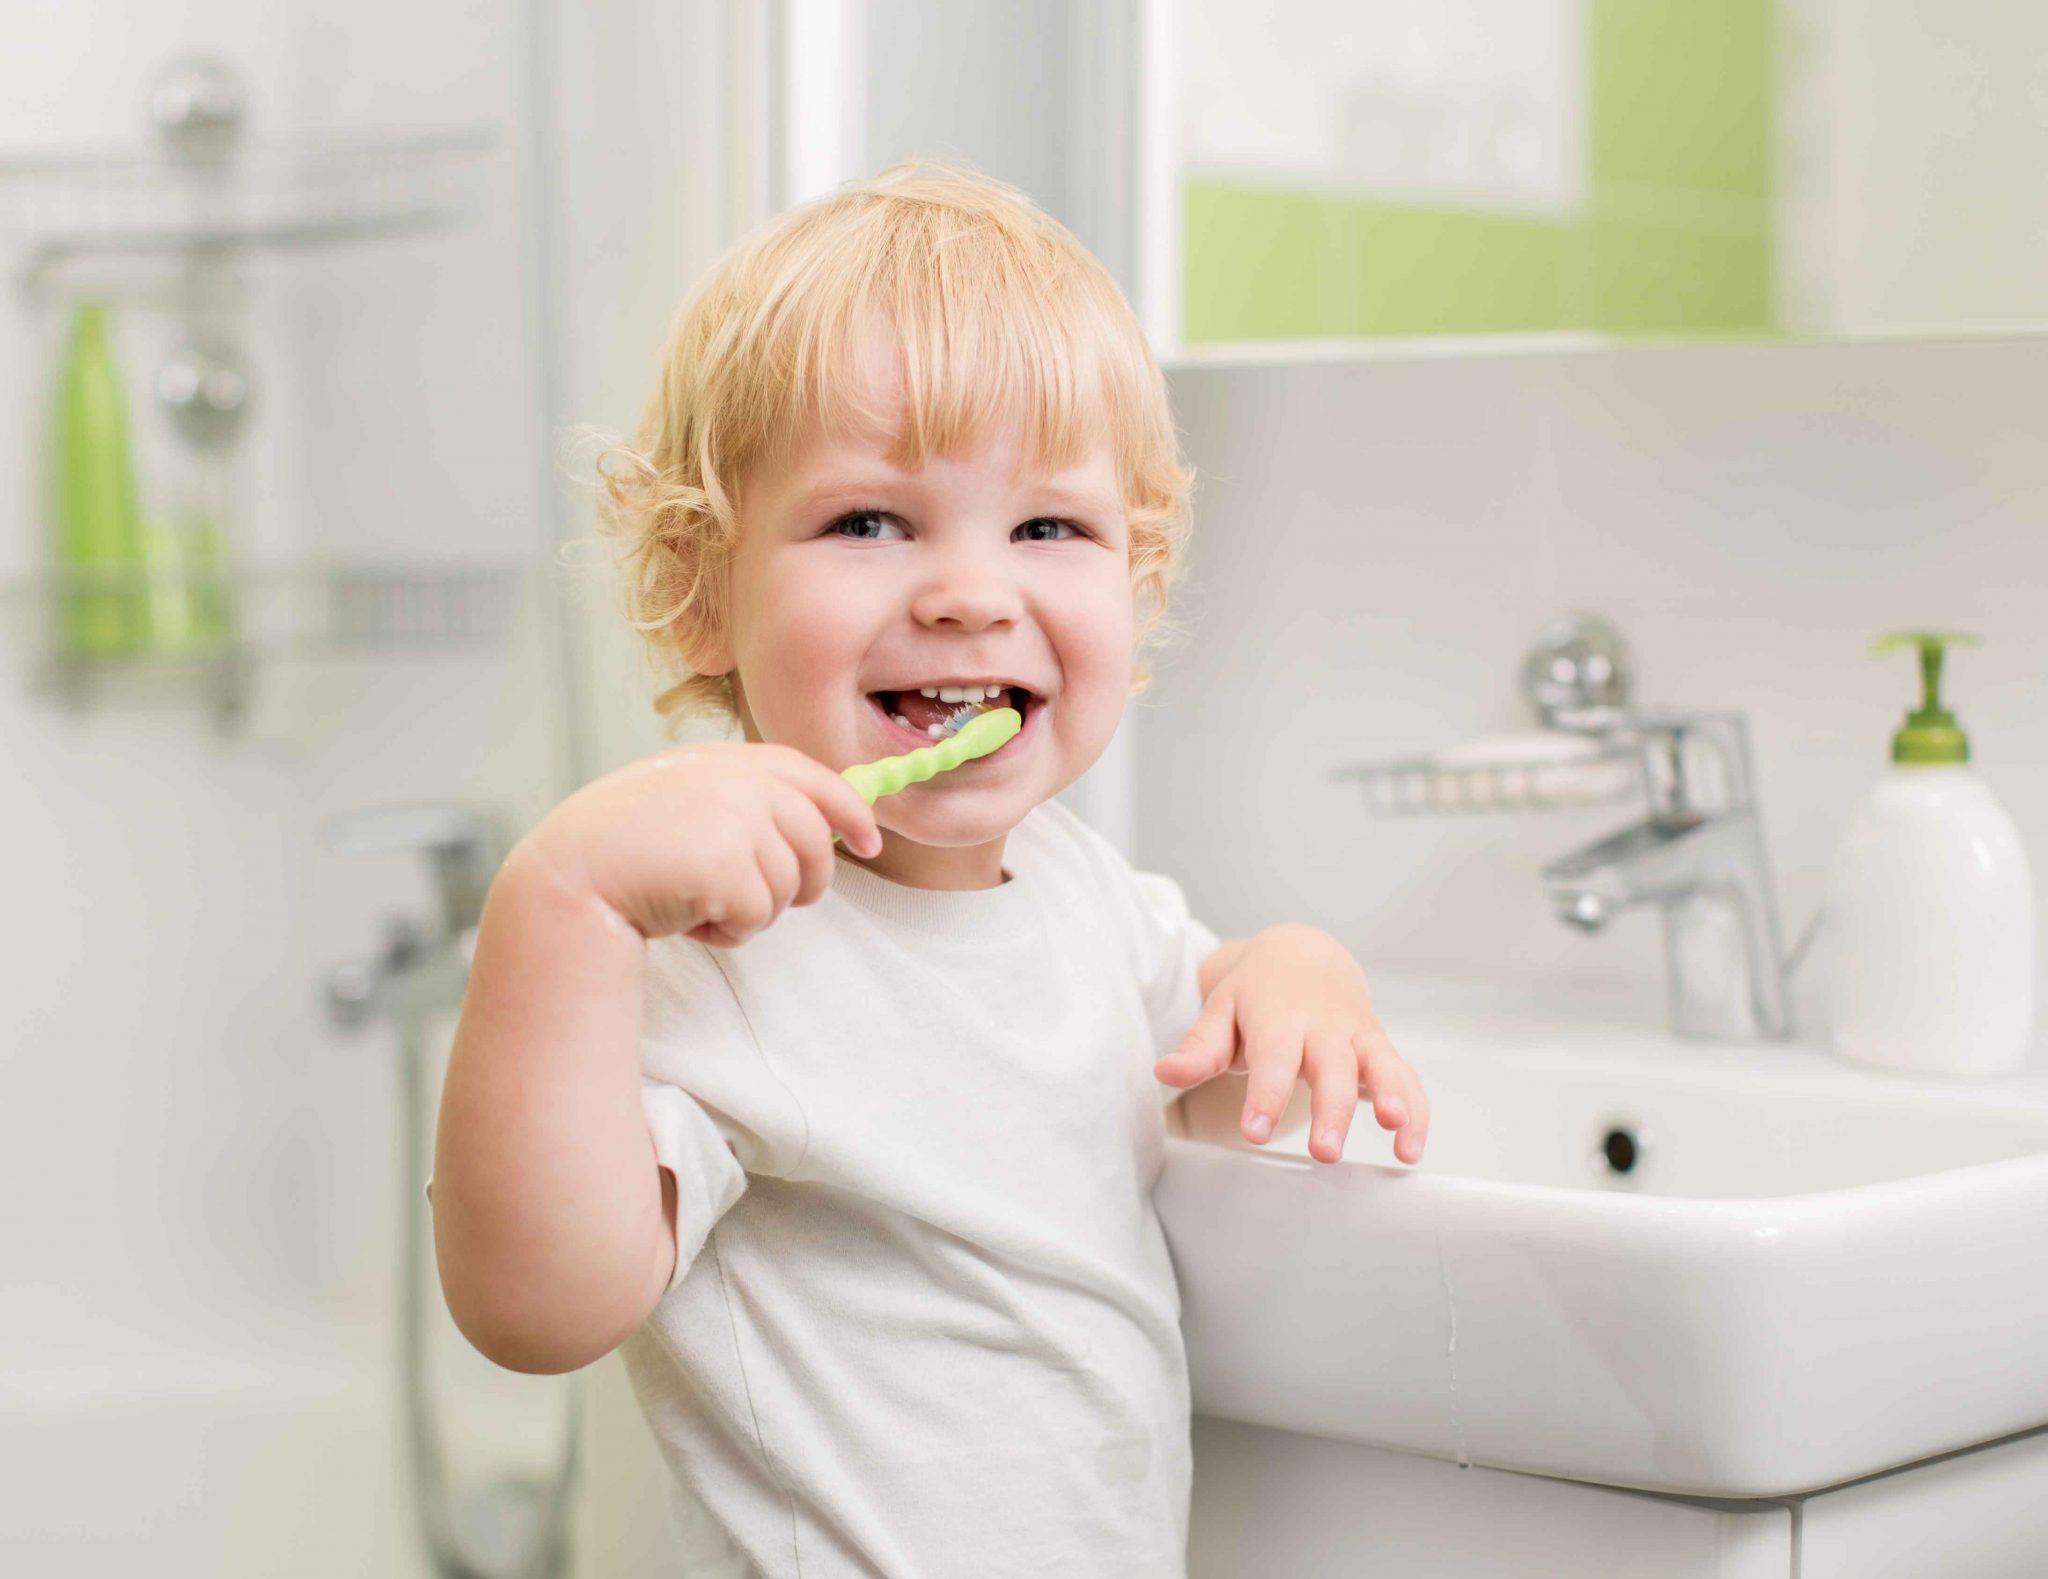 لزوم مراقبت از لثه نوزاد از بدو تولد/ باورهای نادرست درباره قرص آهن و زبان زدن به دندان